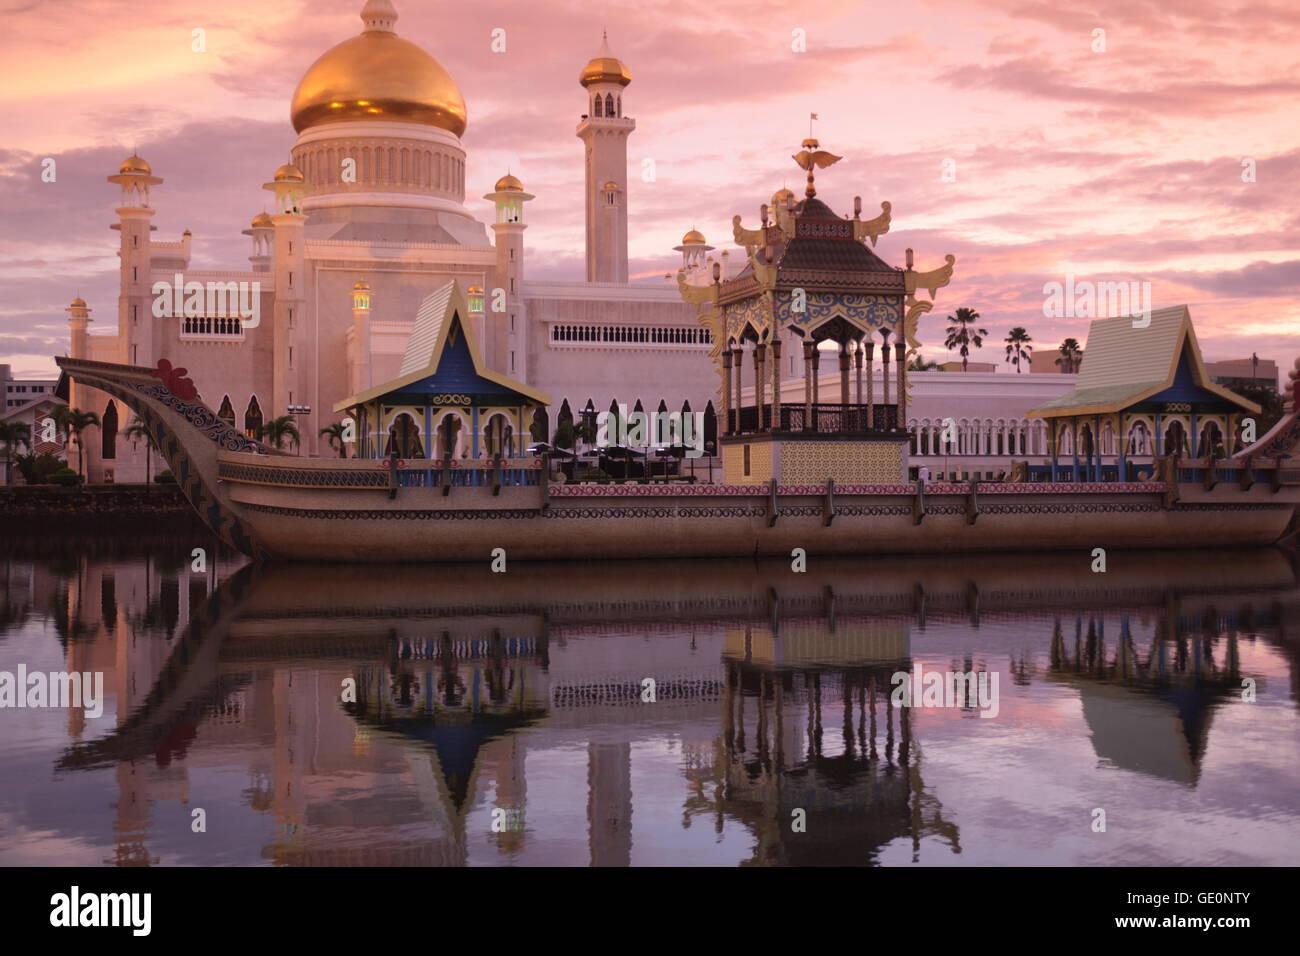 La Moschea di Omar Ali Saifuddien nella città di Bandar Seri Begawan nel paese di Brunei Darussalam del Borneo Immagini Stock